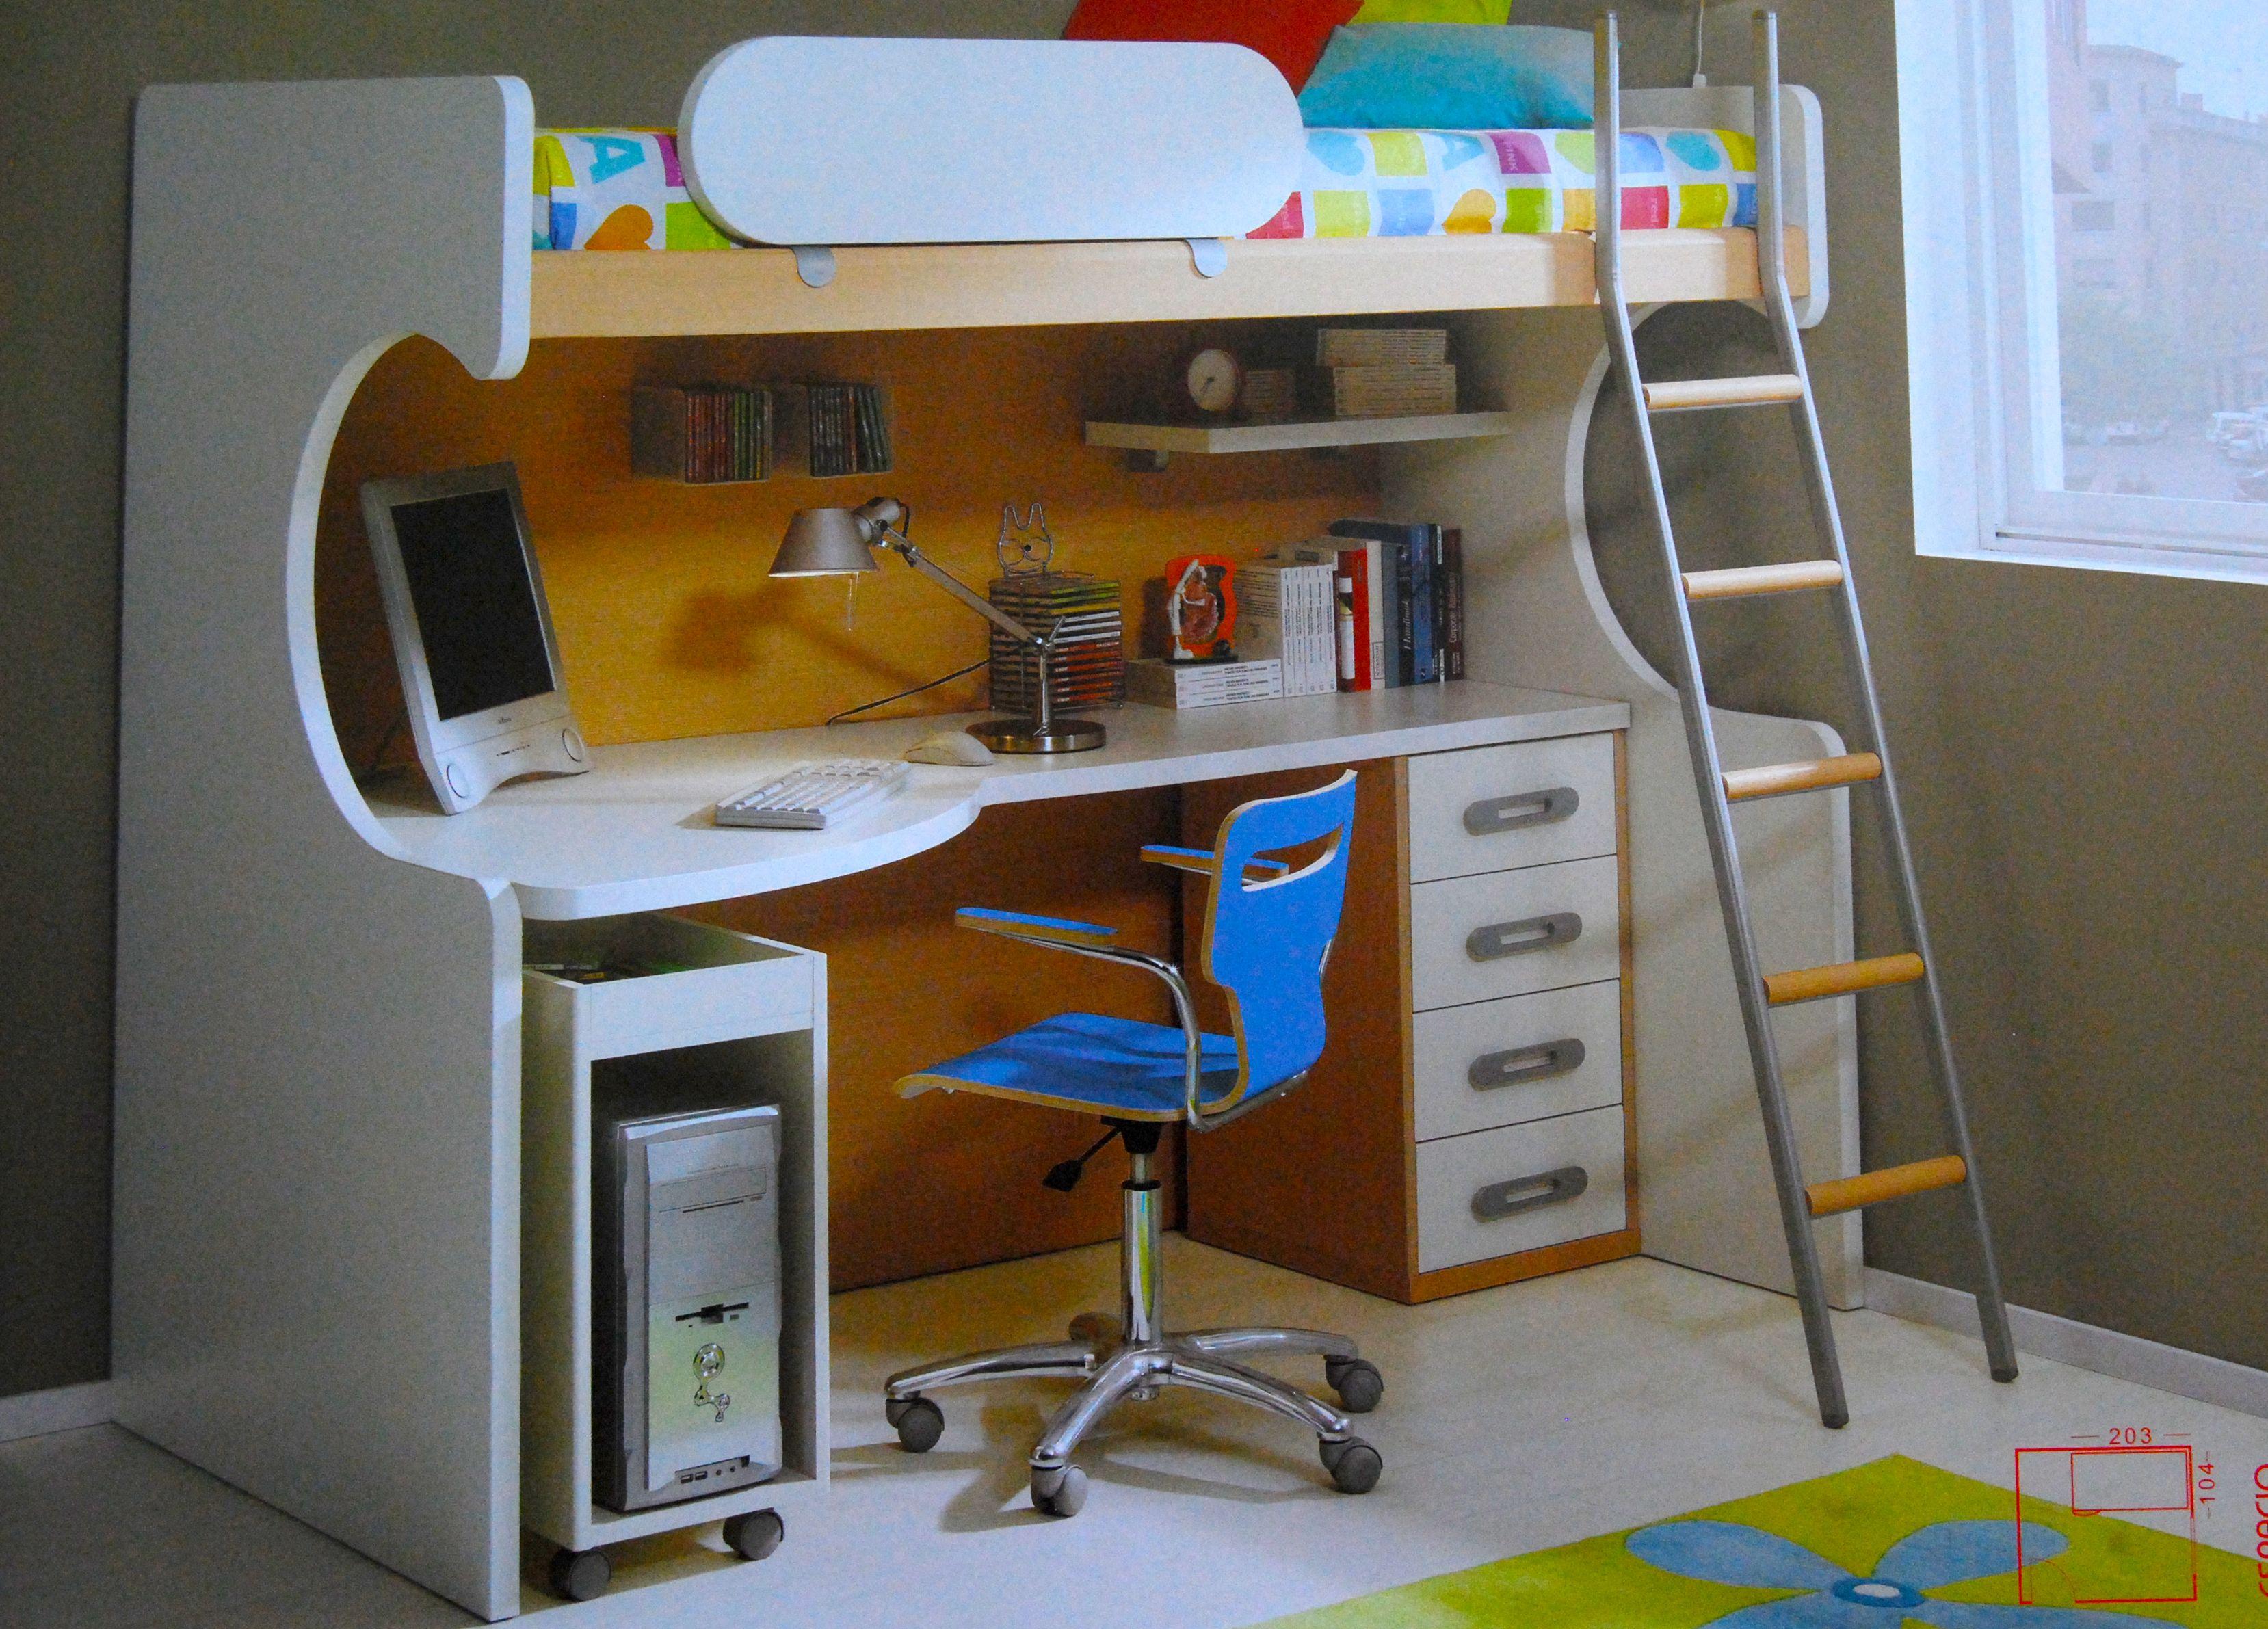 habitacion infantil pequeña | Espacios | Pinterest | Habitaciones ...